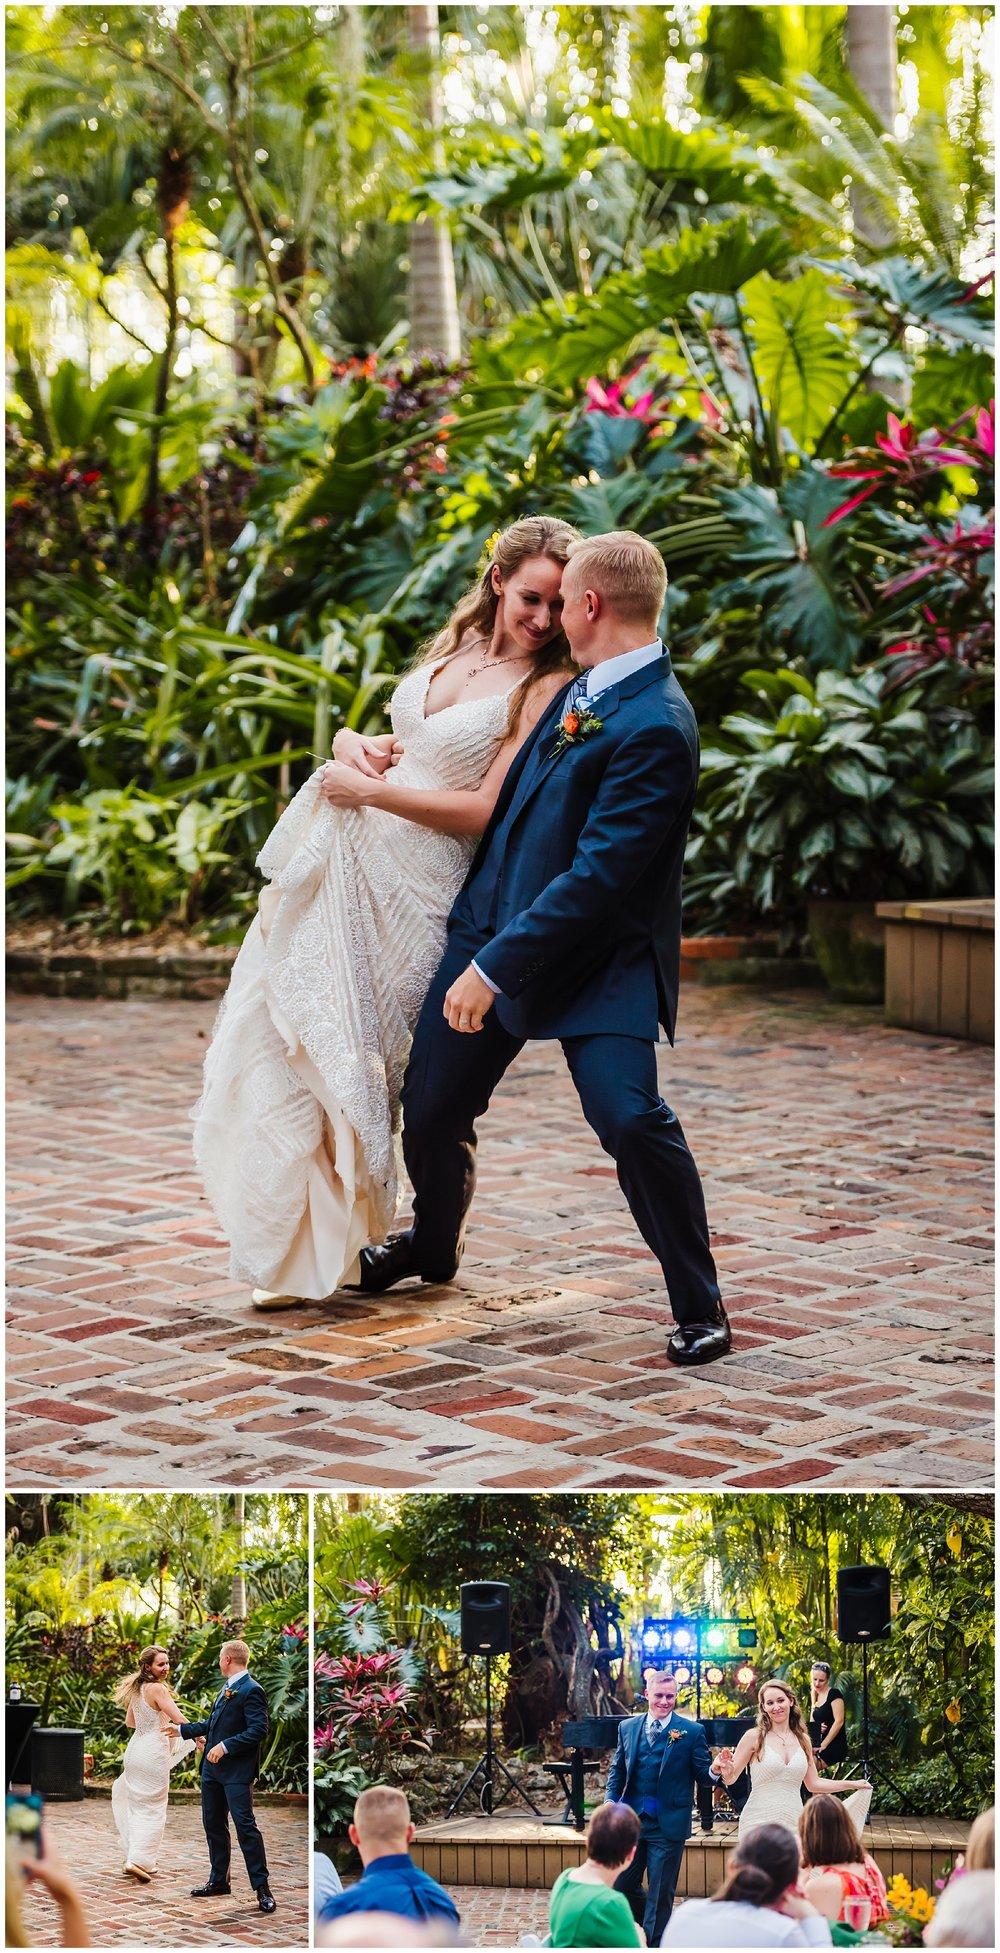 st-pete-wedding-photographer-post-card-inn-sunken-gardens-hawaiian-theme-dueling-pianos_0046.jpg